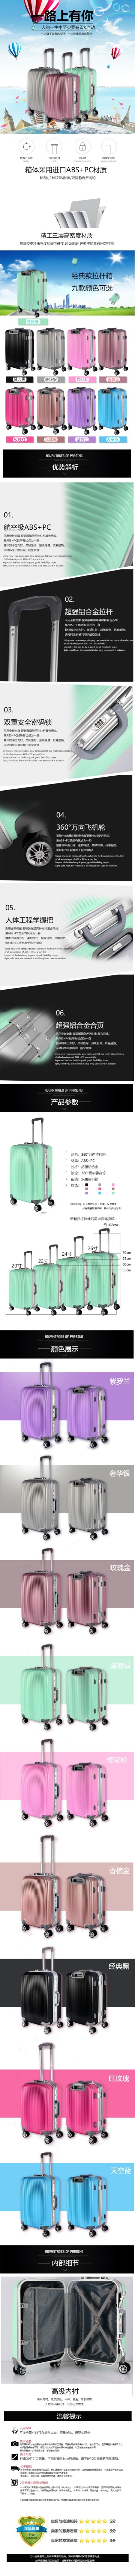 清新简约百货零售箱包拉杆箱促销电商详情页